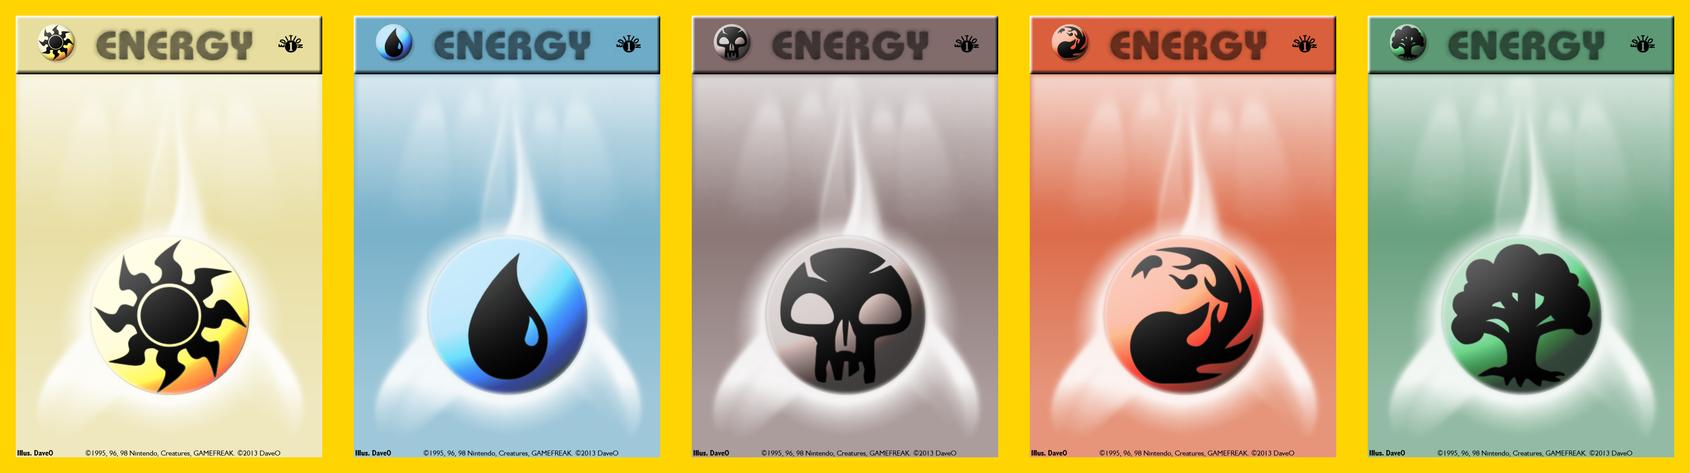 Pokemon Card Energy Symbols Ace Energy